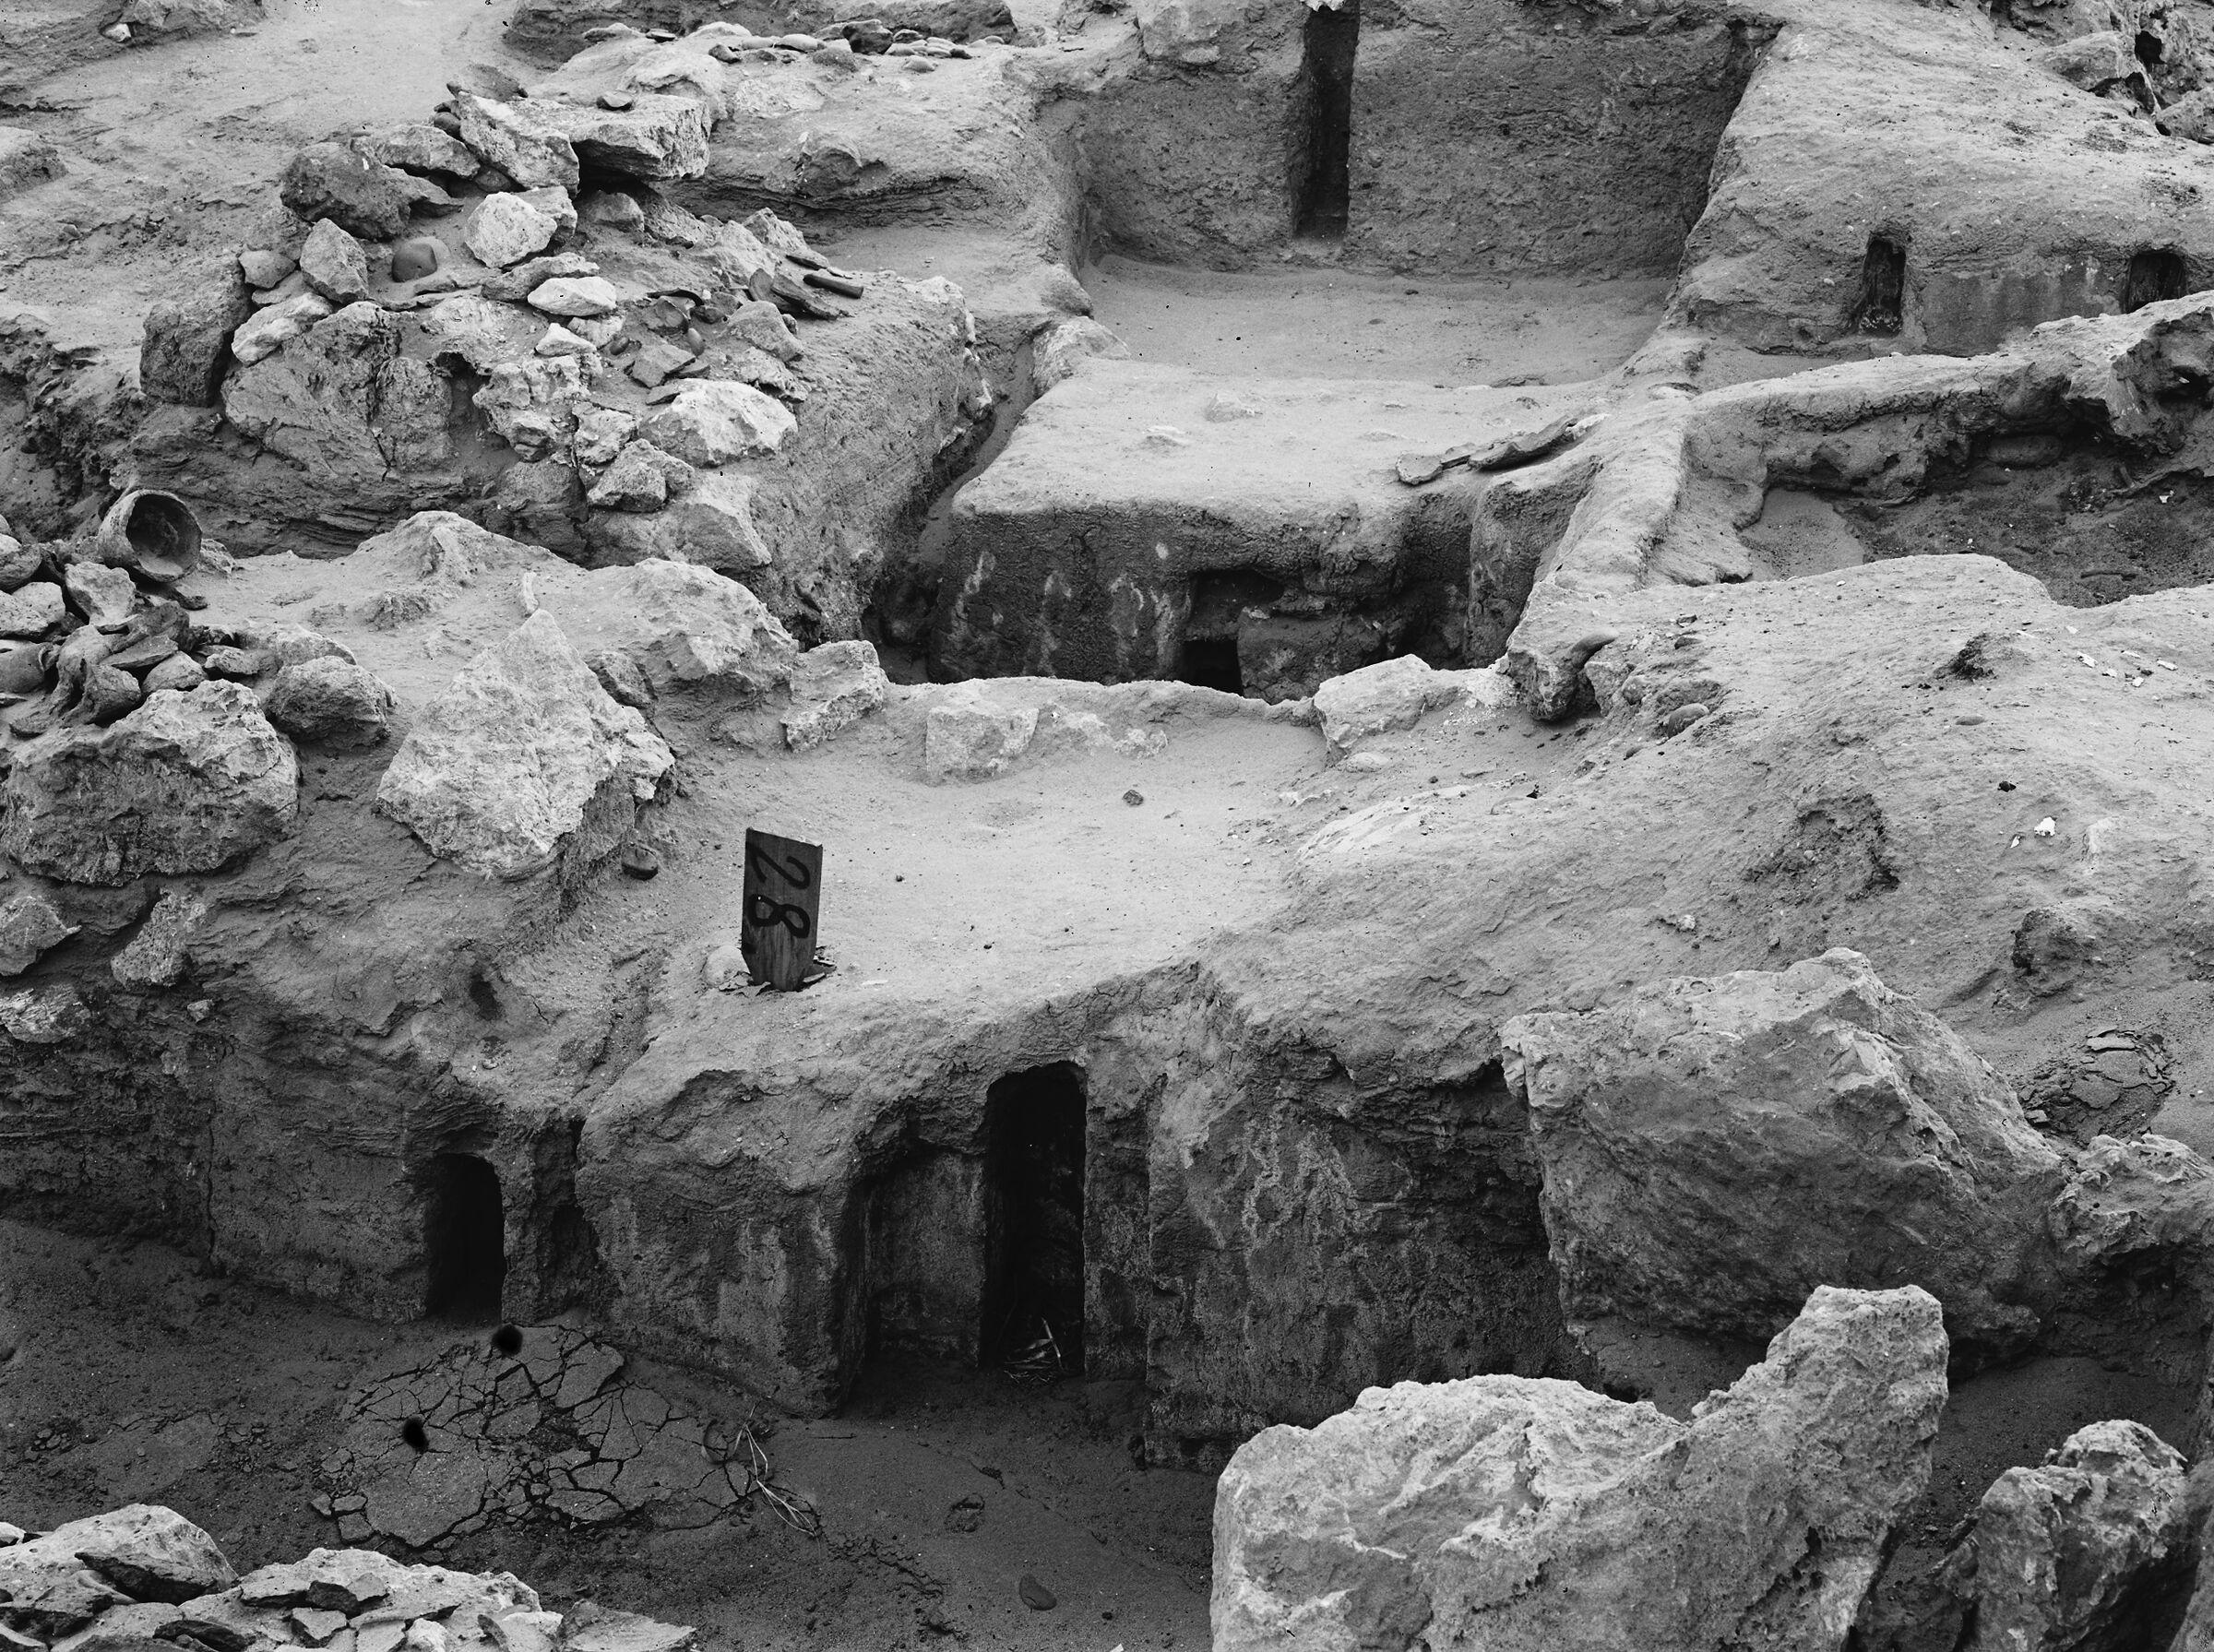 Wadi Cemetery (Reisner; north of W. Cem): Site: Giza; View: GW 28, GW 29, GW 48, GW 49, GW 50, GW 51, GW 52